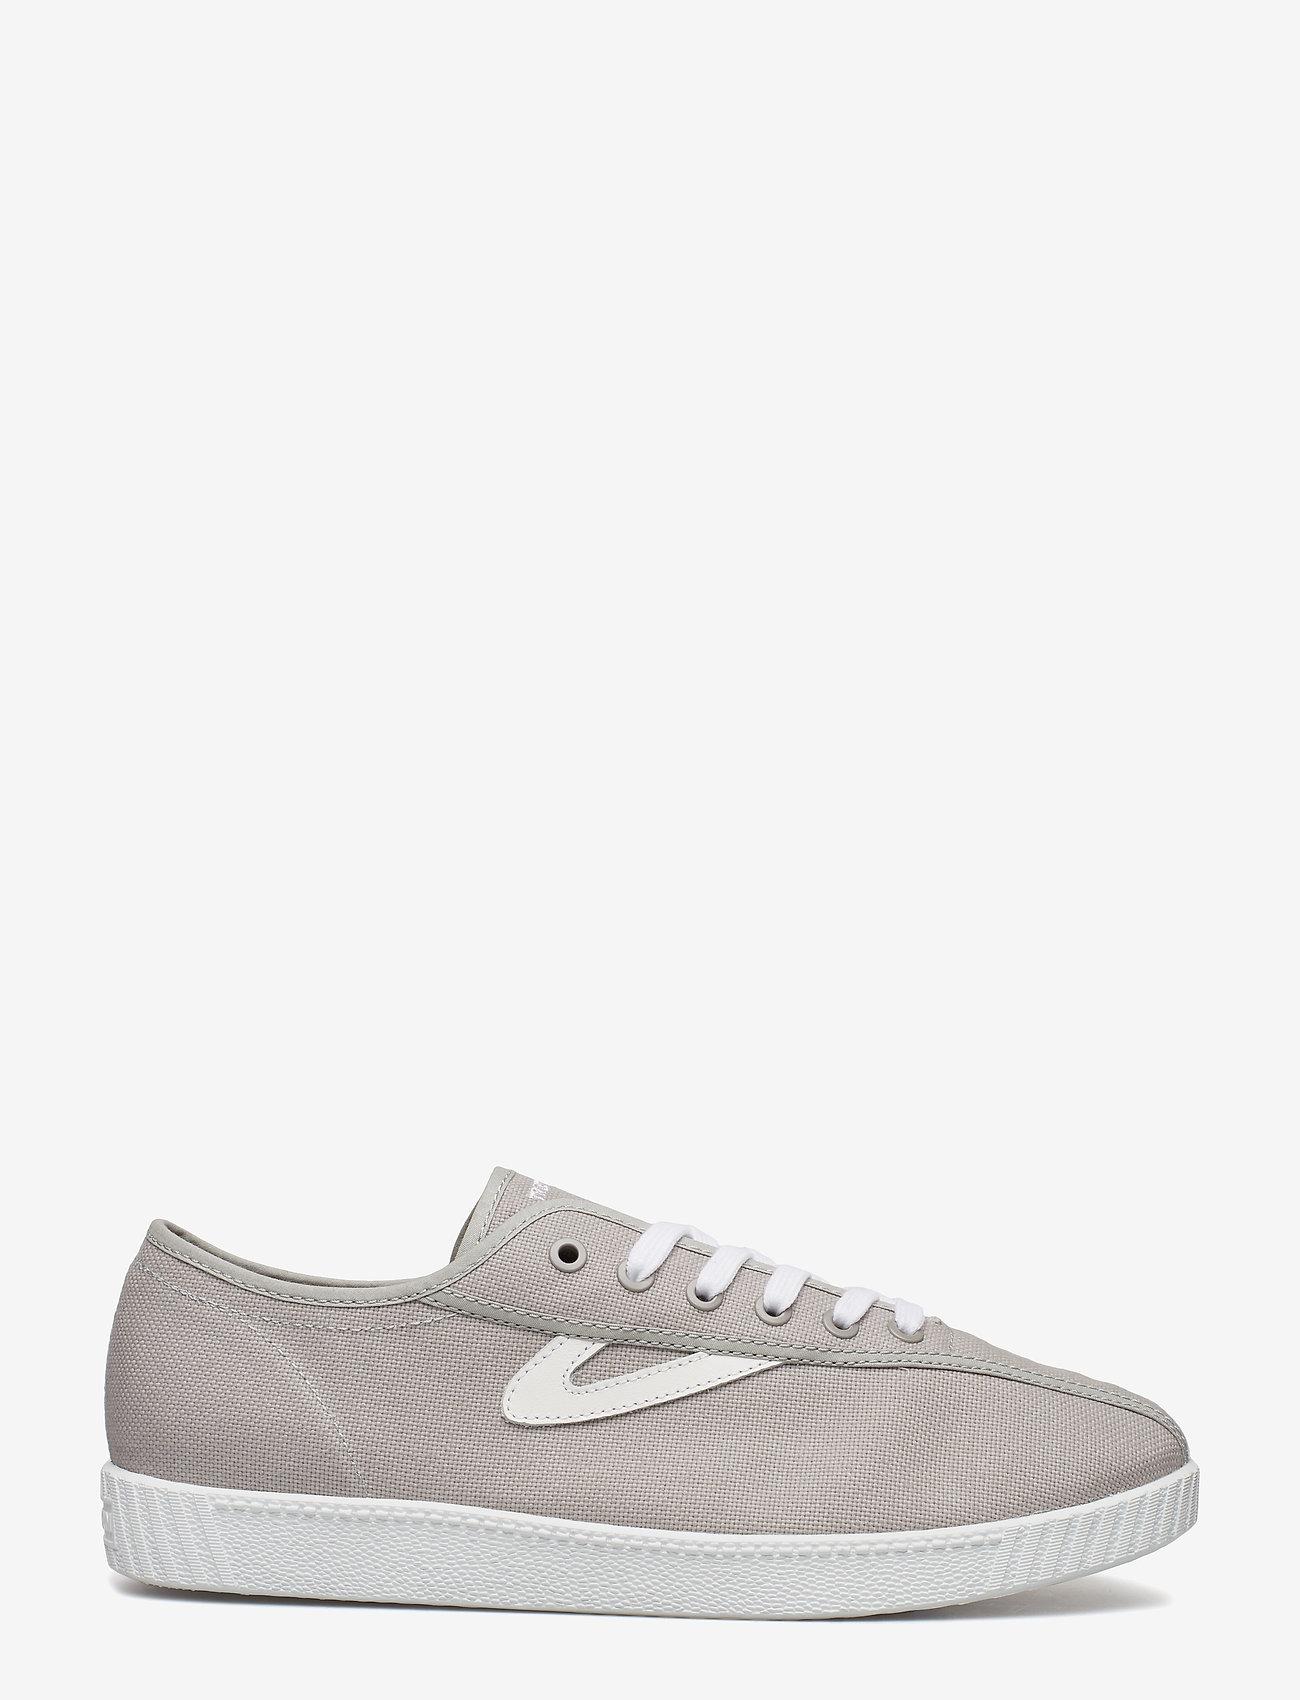 Tretorn - NYLITE - baskets basses - 005/grey/white - 1